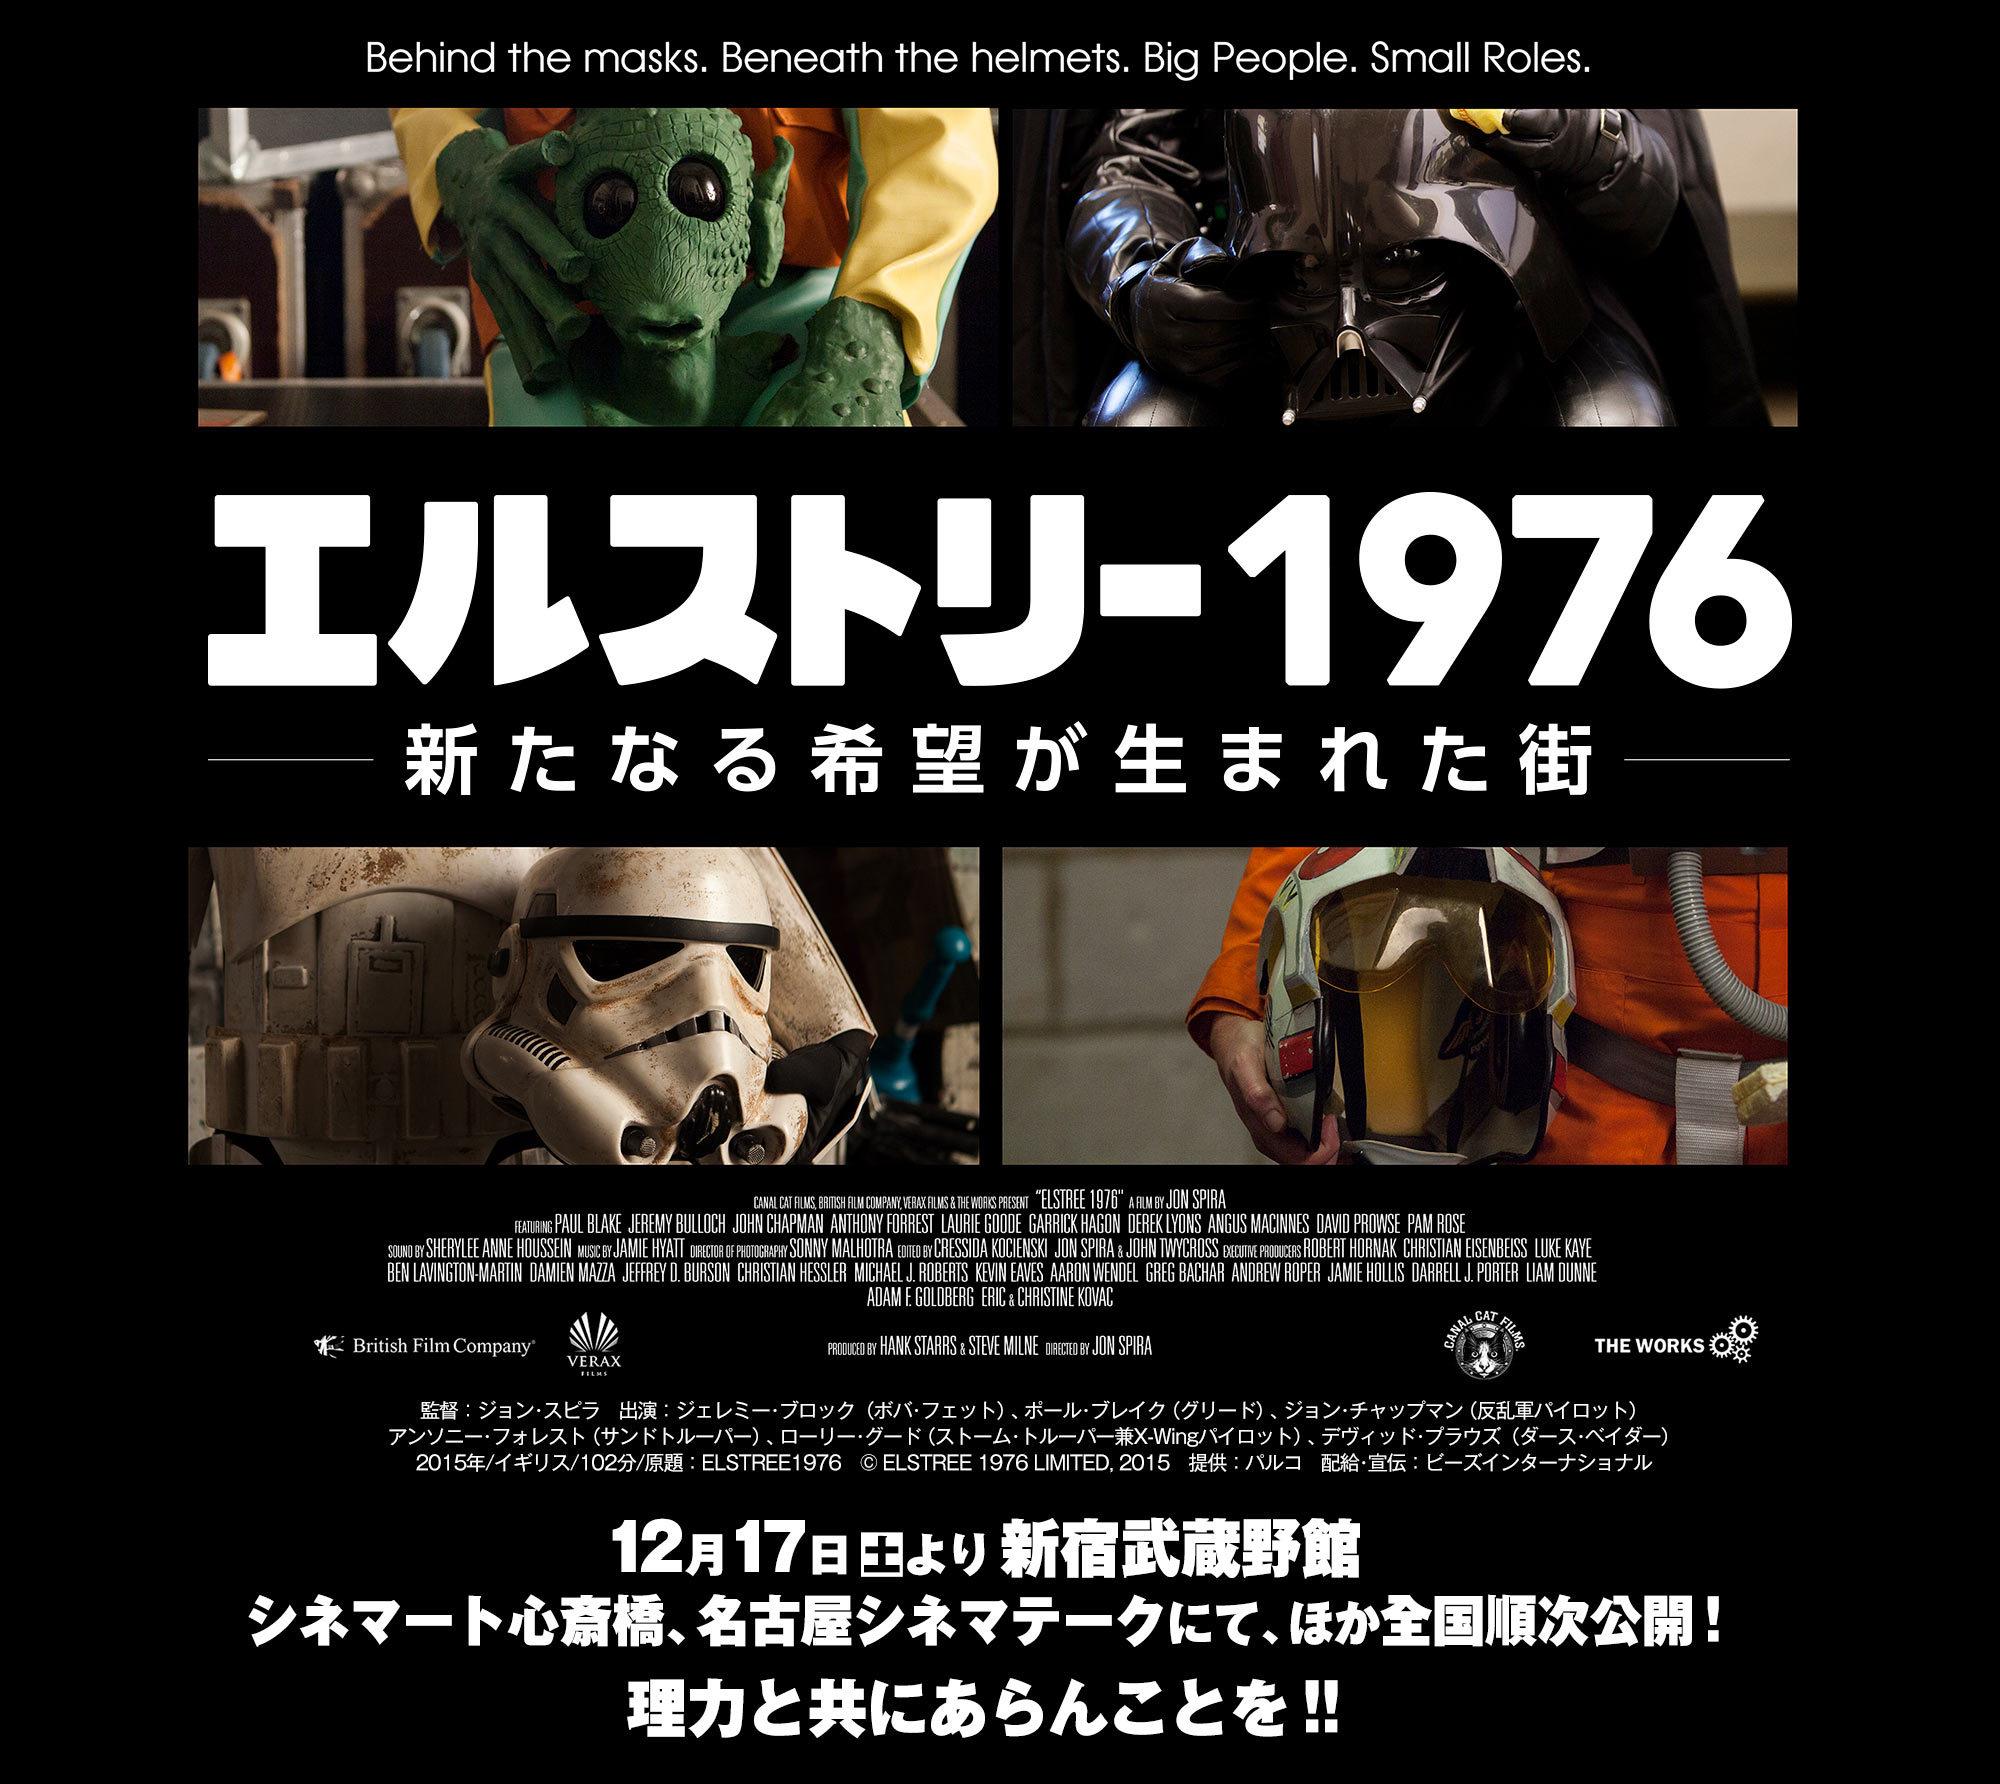 すべてのSWファンに捧げられた、愛の告白。映画『エルストリー1976』を観たほうがいい理由。_b0029315_23130078.jpg